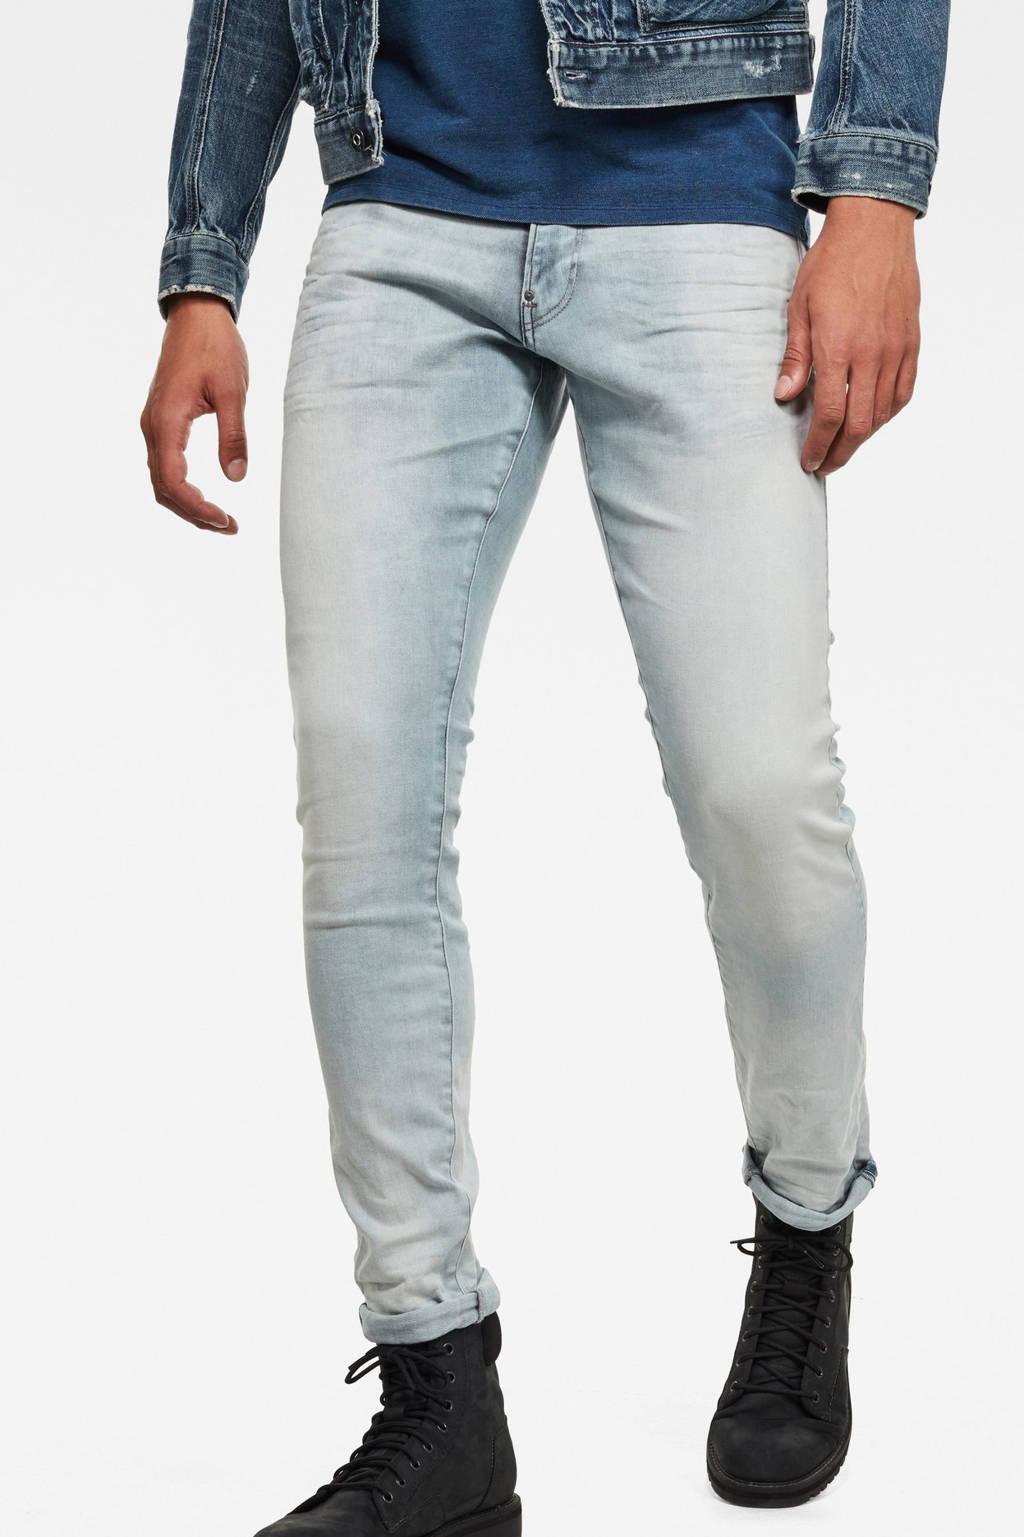 G-Star RAW Revend Skinny tapered fit jeans b474/sun faded quartz, B474/sun faded quartz